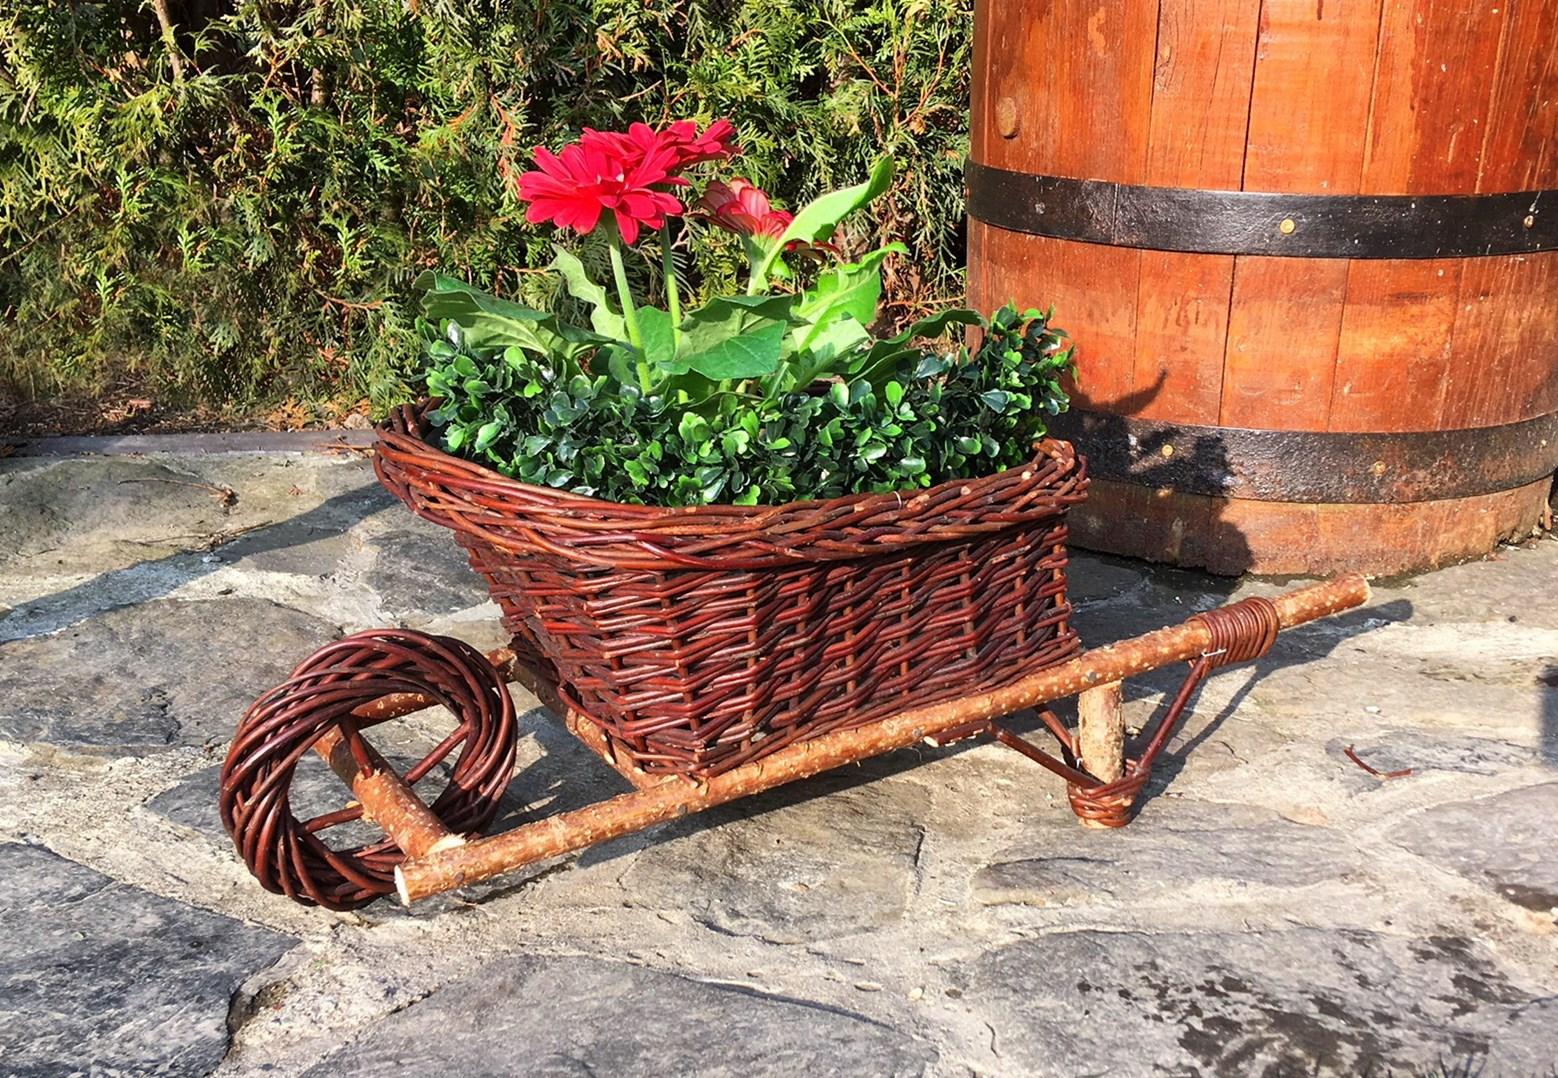 Proutěný trakař pro výsadbu květin - opatřen igelitem